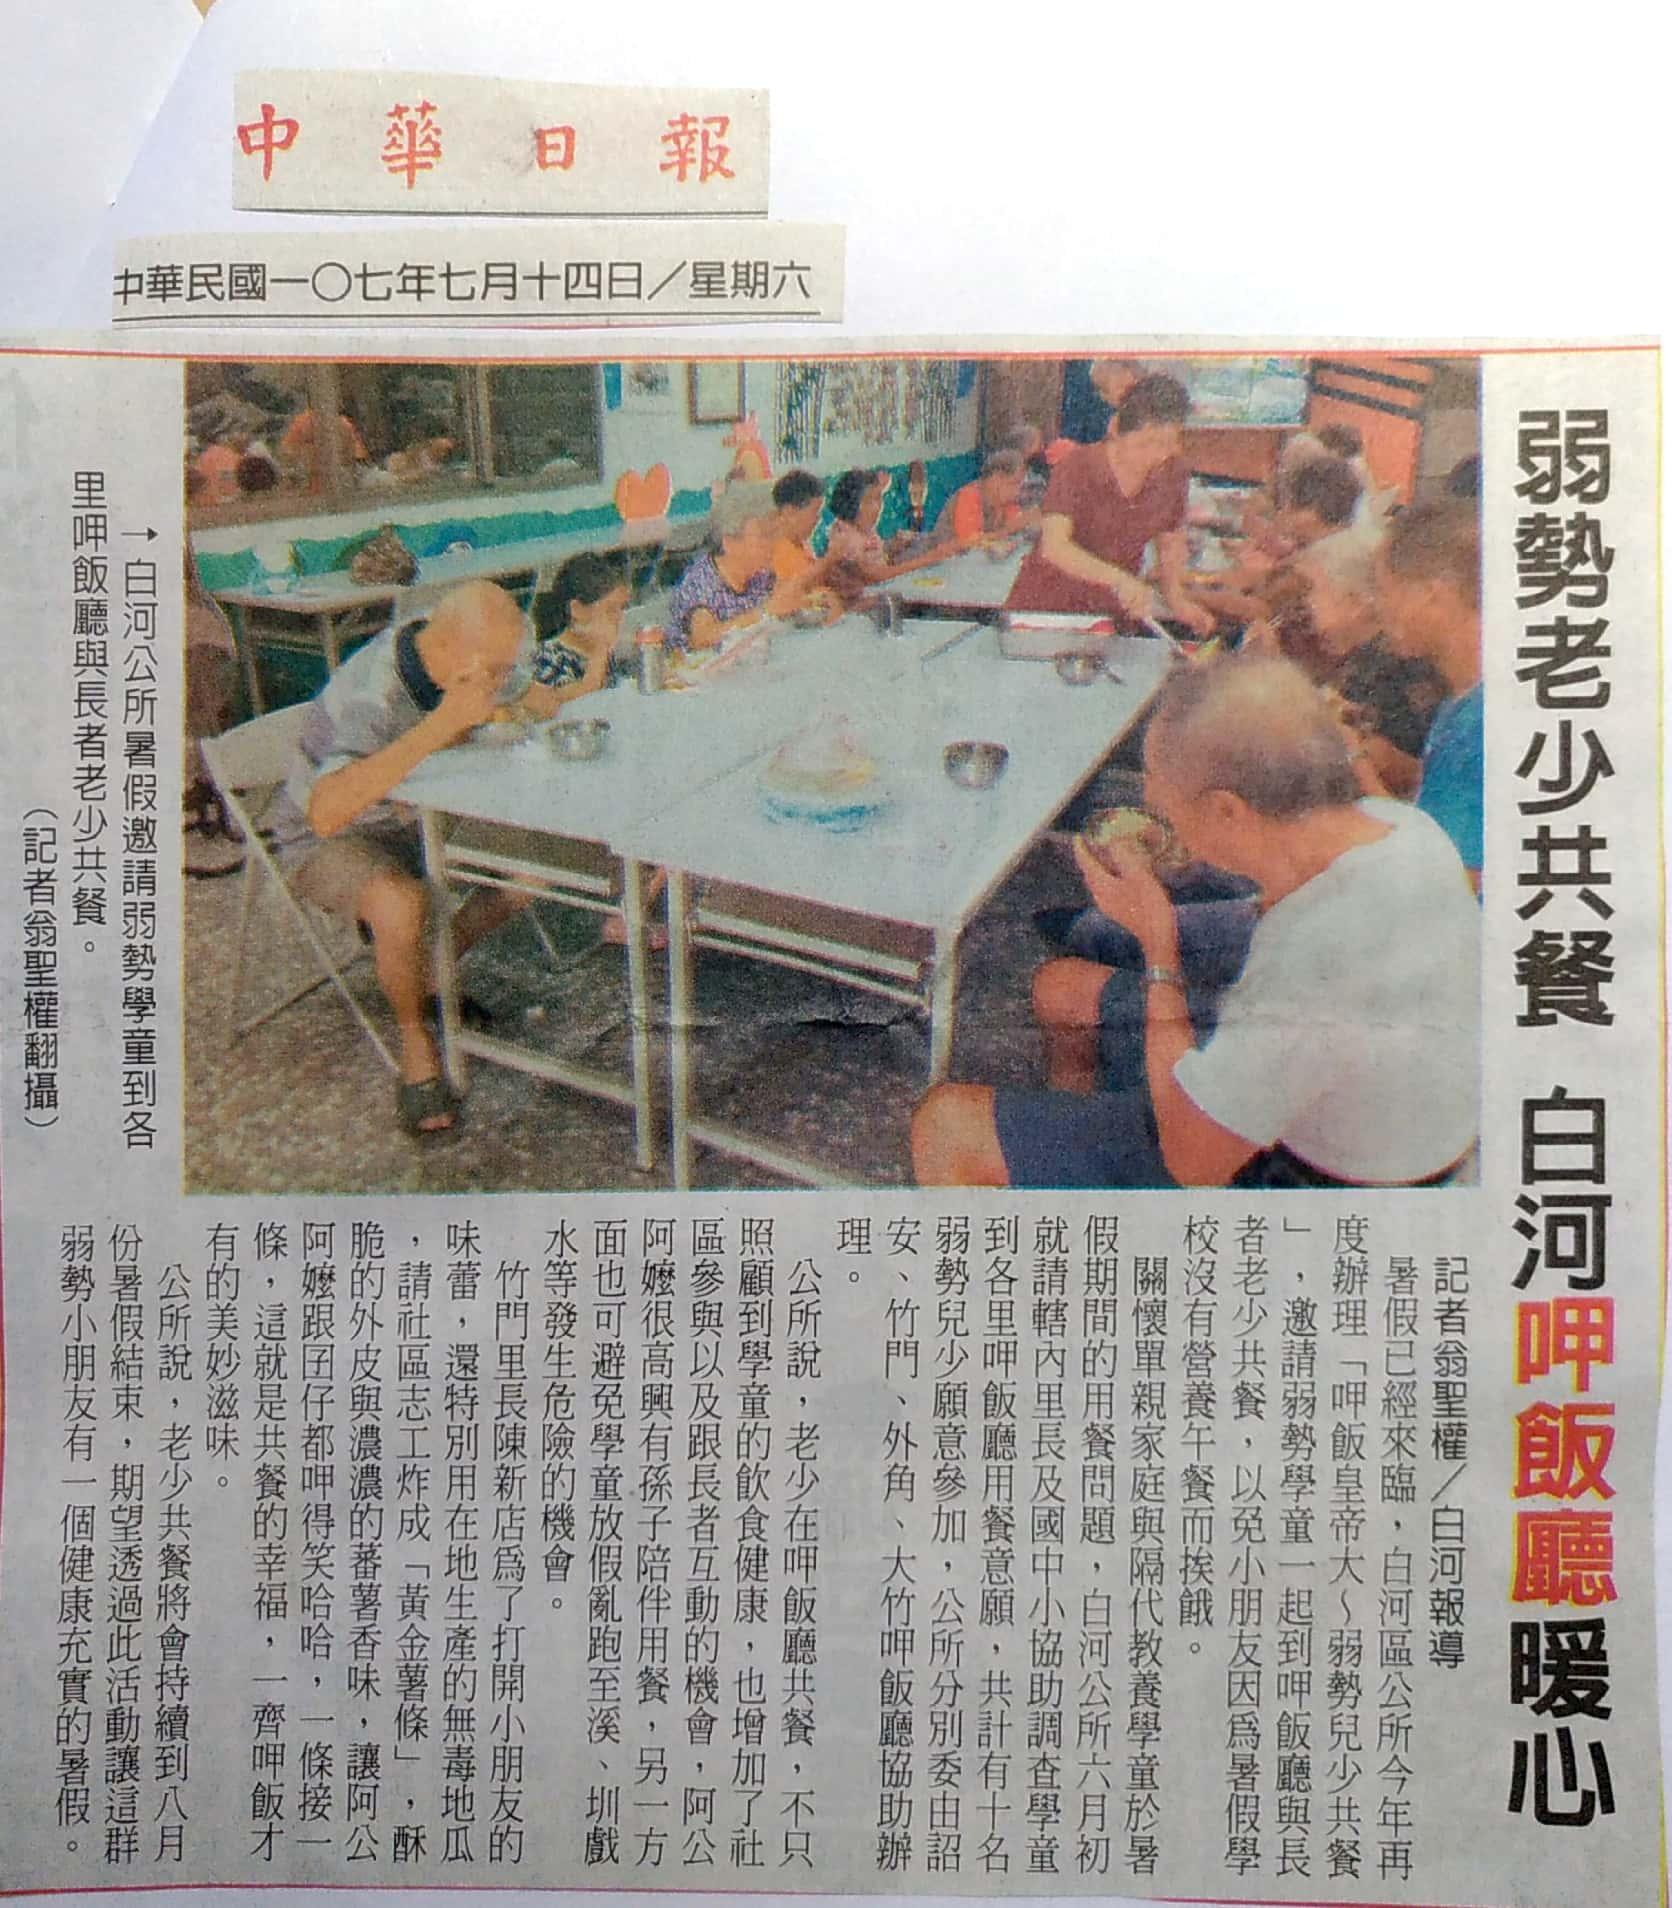 中華日報呷飯廳老少共餐報導